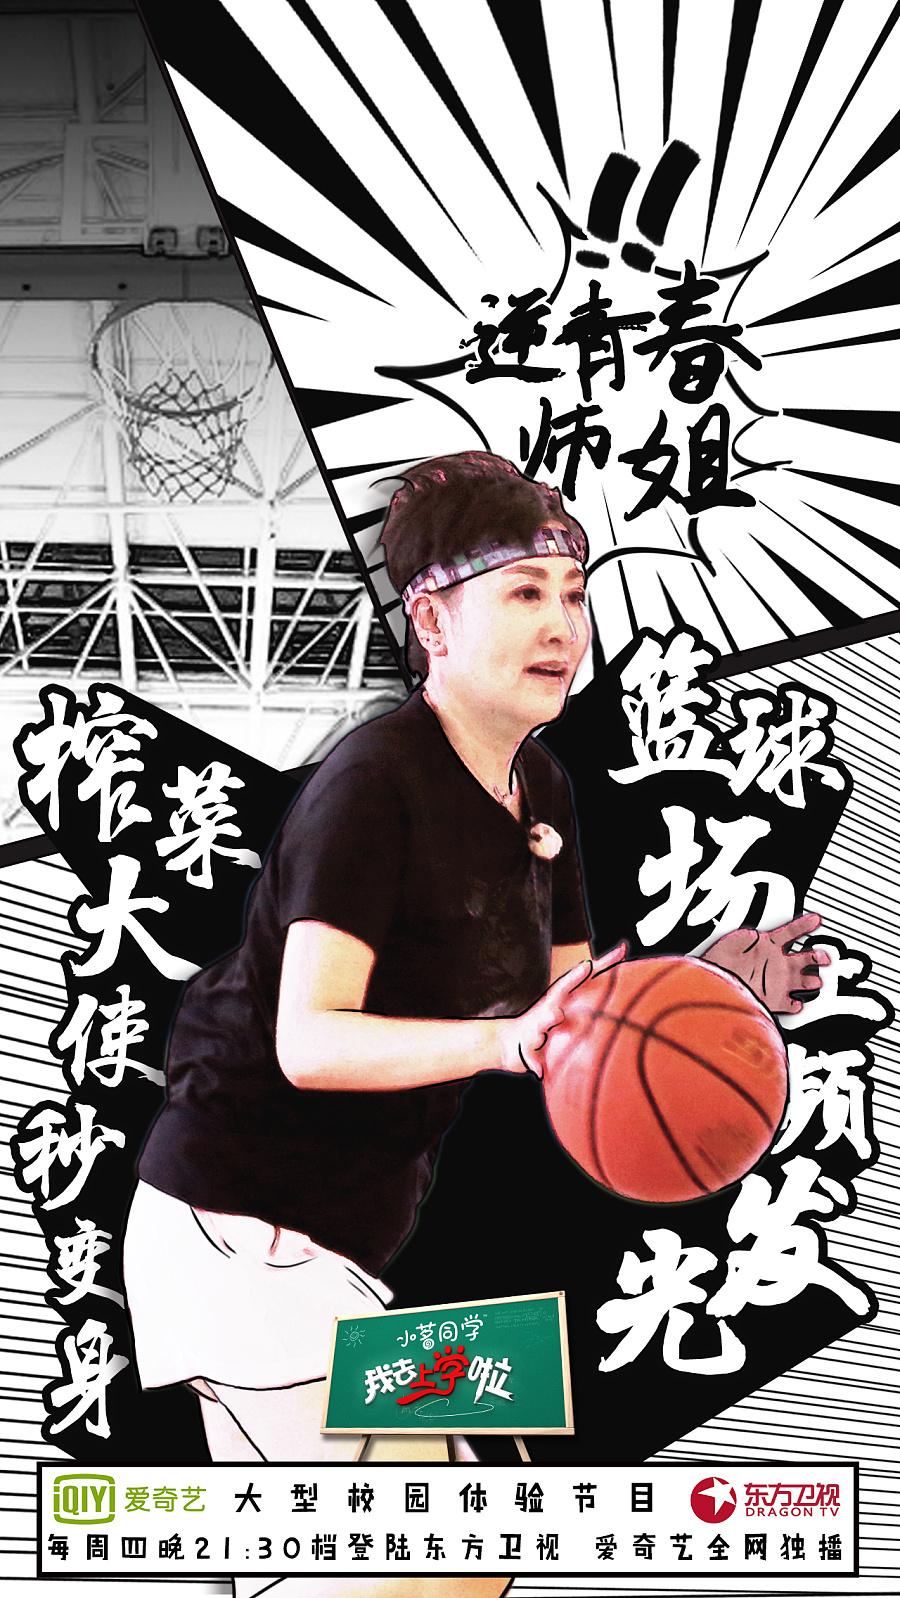 漫画平面-我去上学啦第一季|篮球|漫画|nikil-原乌迪尔海报图片